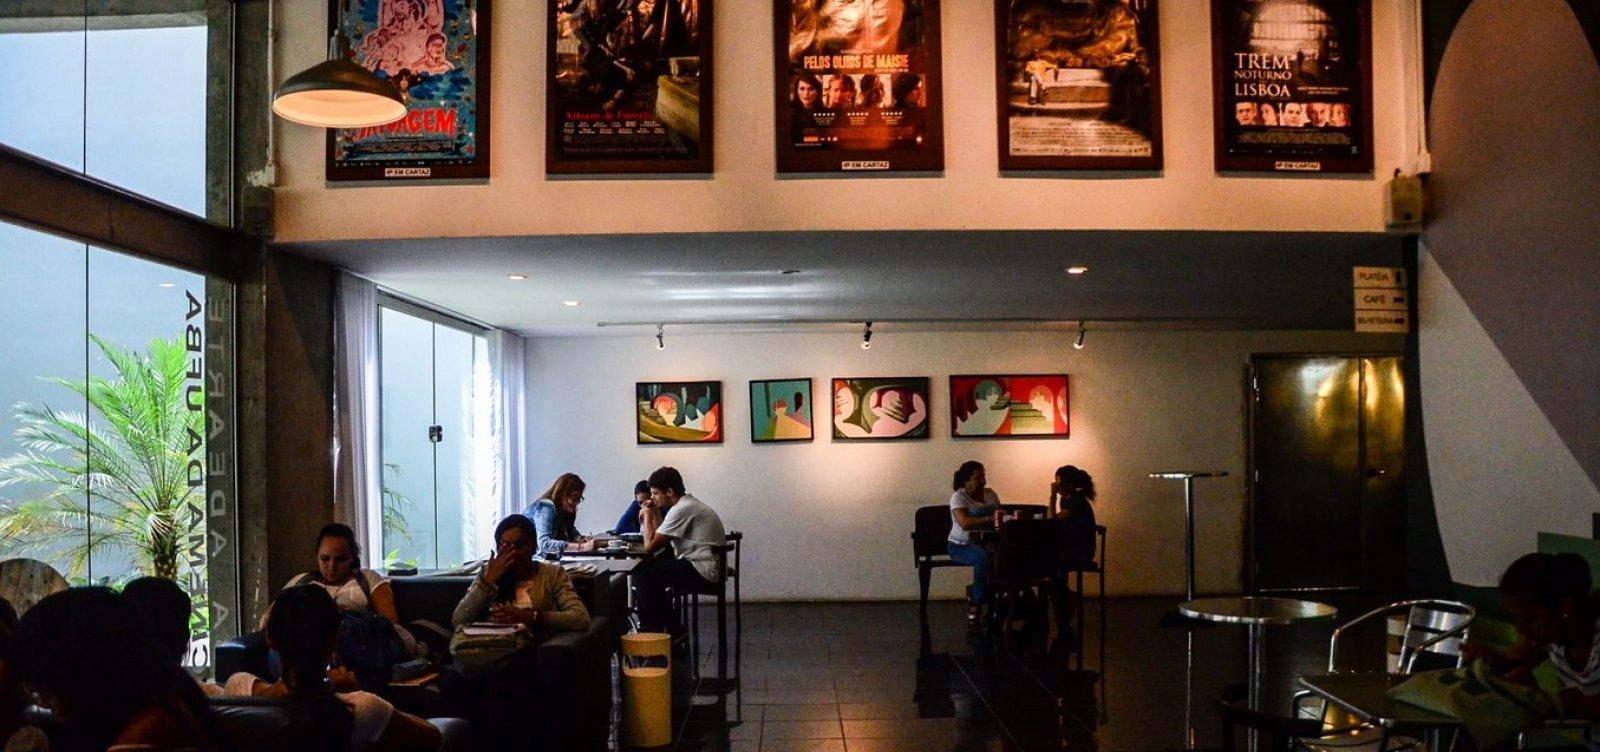 Alunos de federais passam a consumir mais cultura após entrar na universidade, aponta estudo